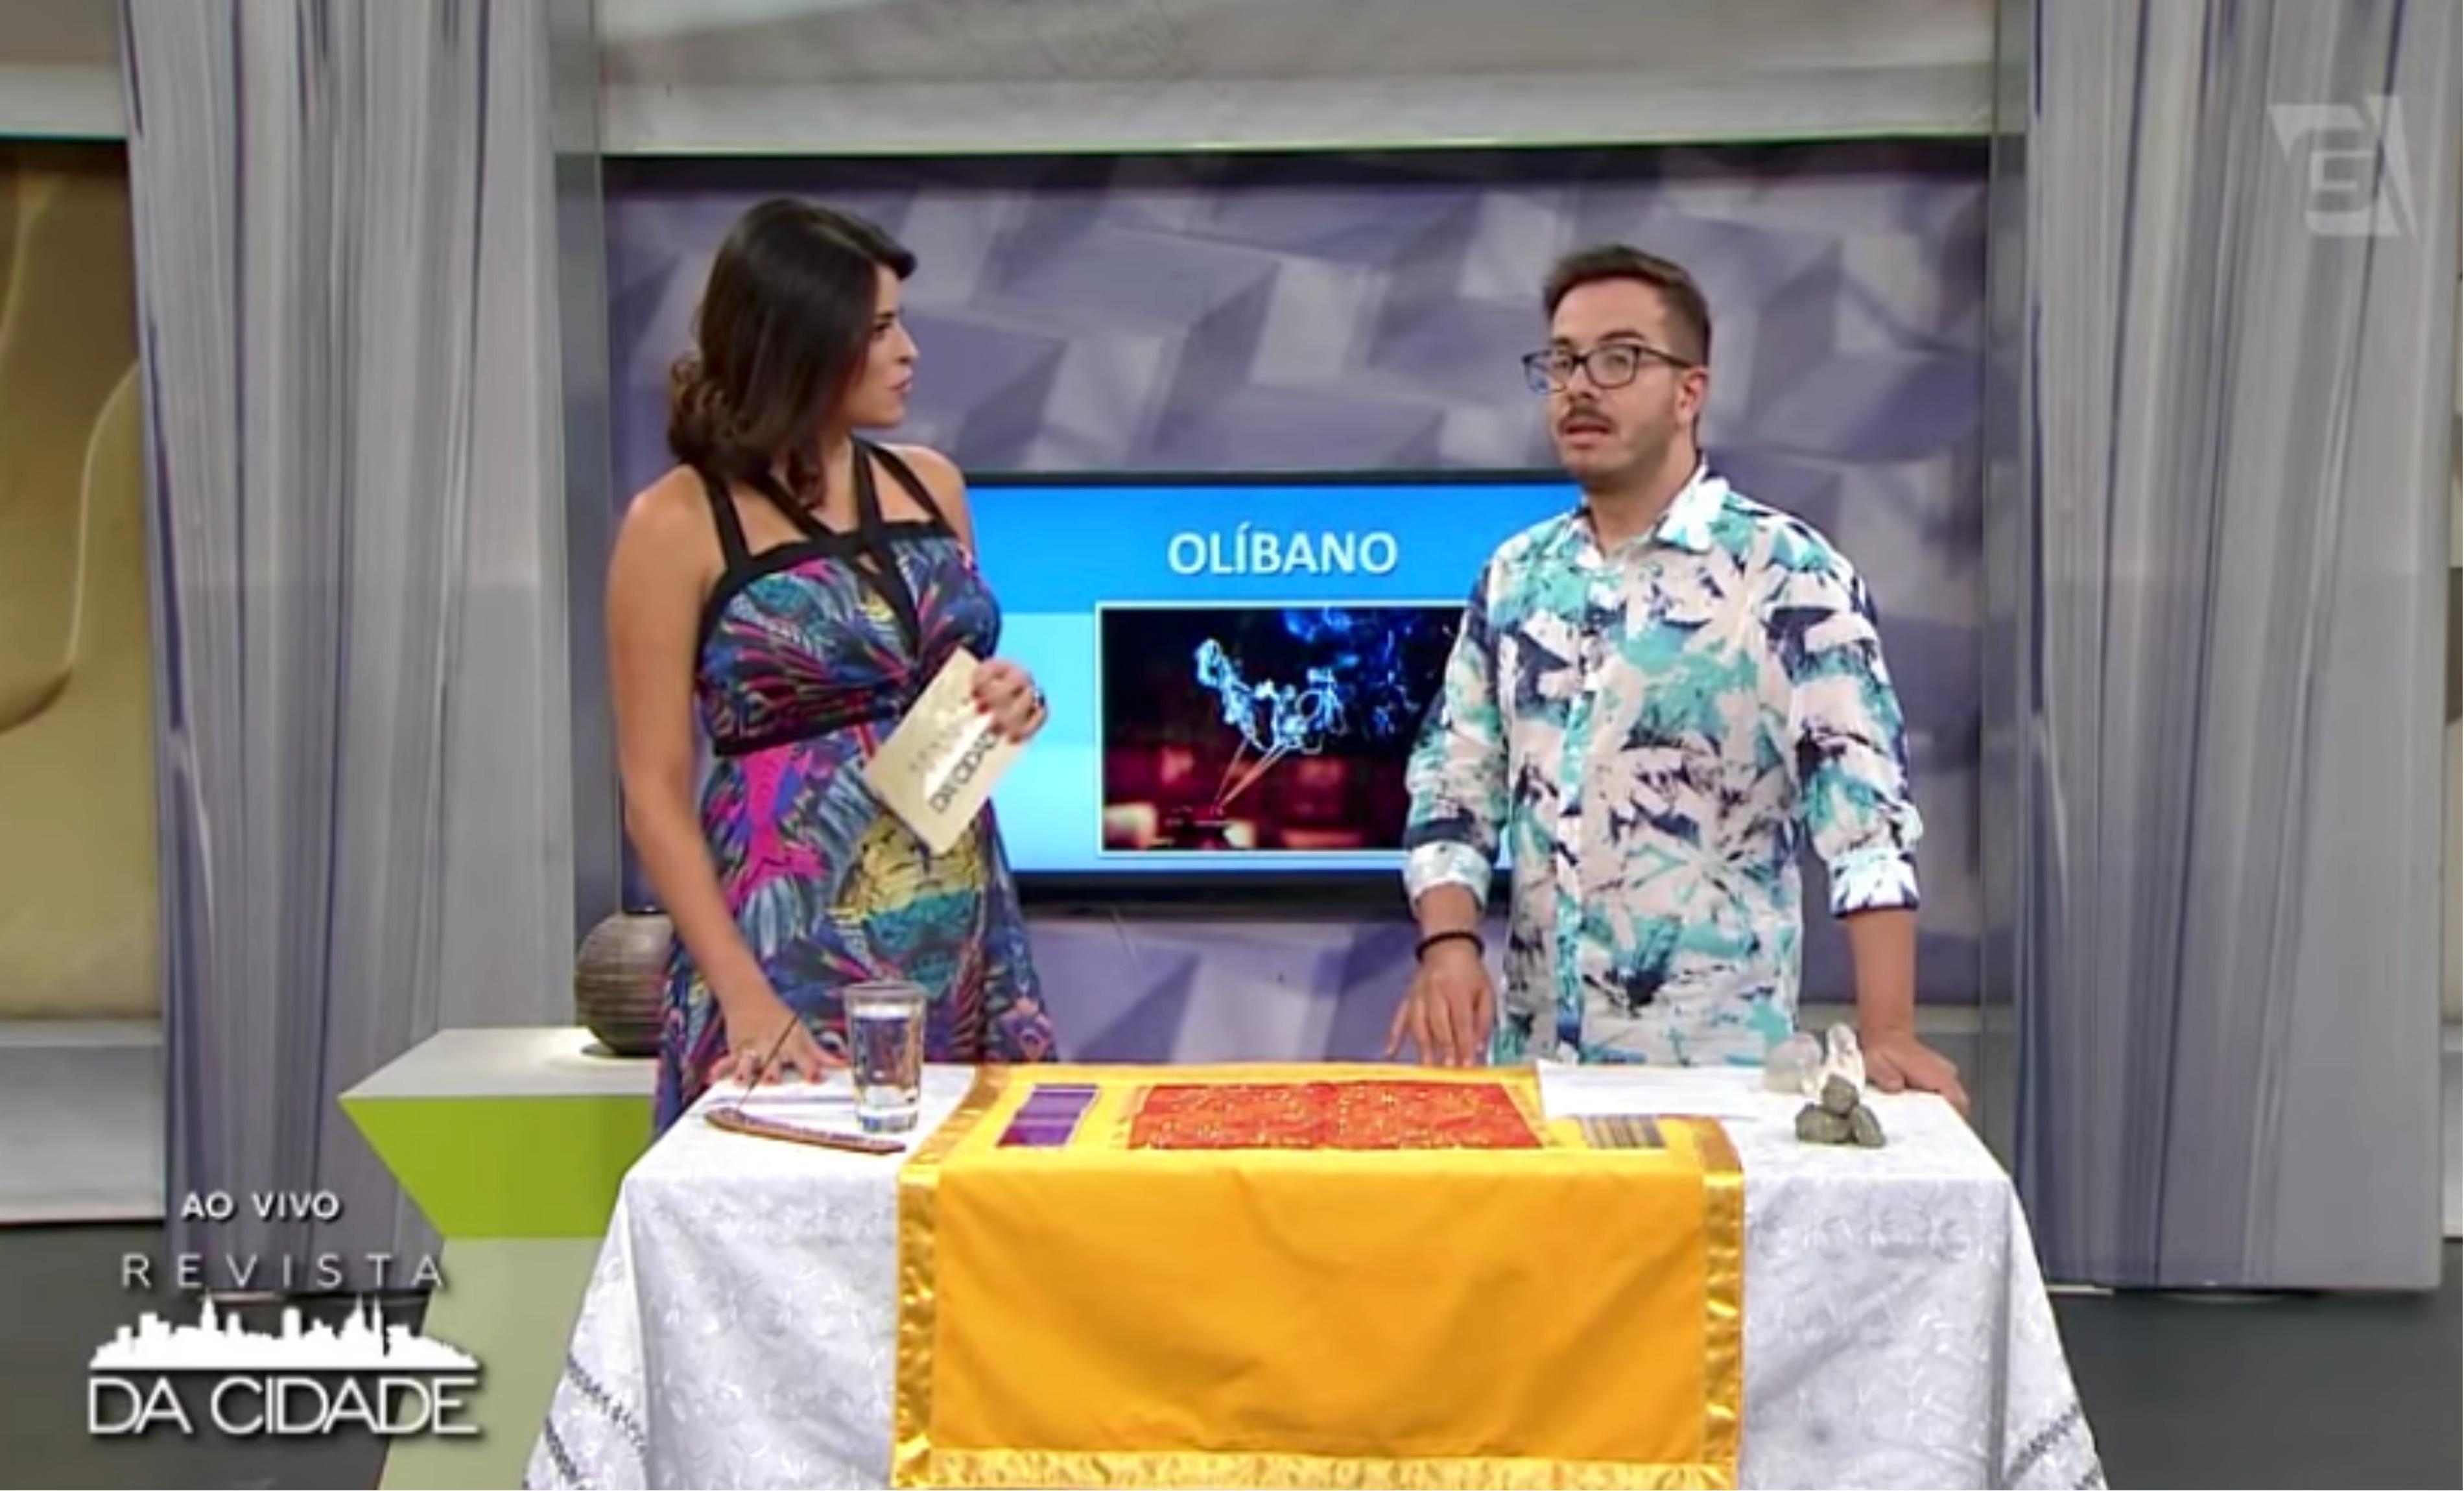 André Mantavonni e Marisy Idalino, que vem substituindo Regiane Tápias, que está de licença maternidade (Foto reprodução)